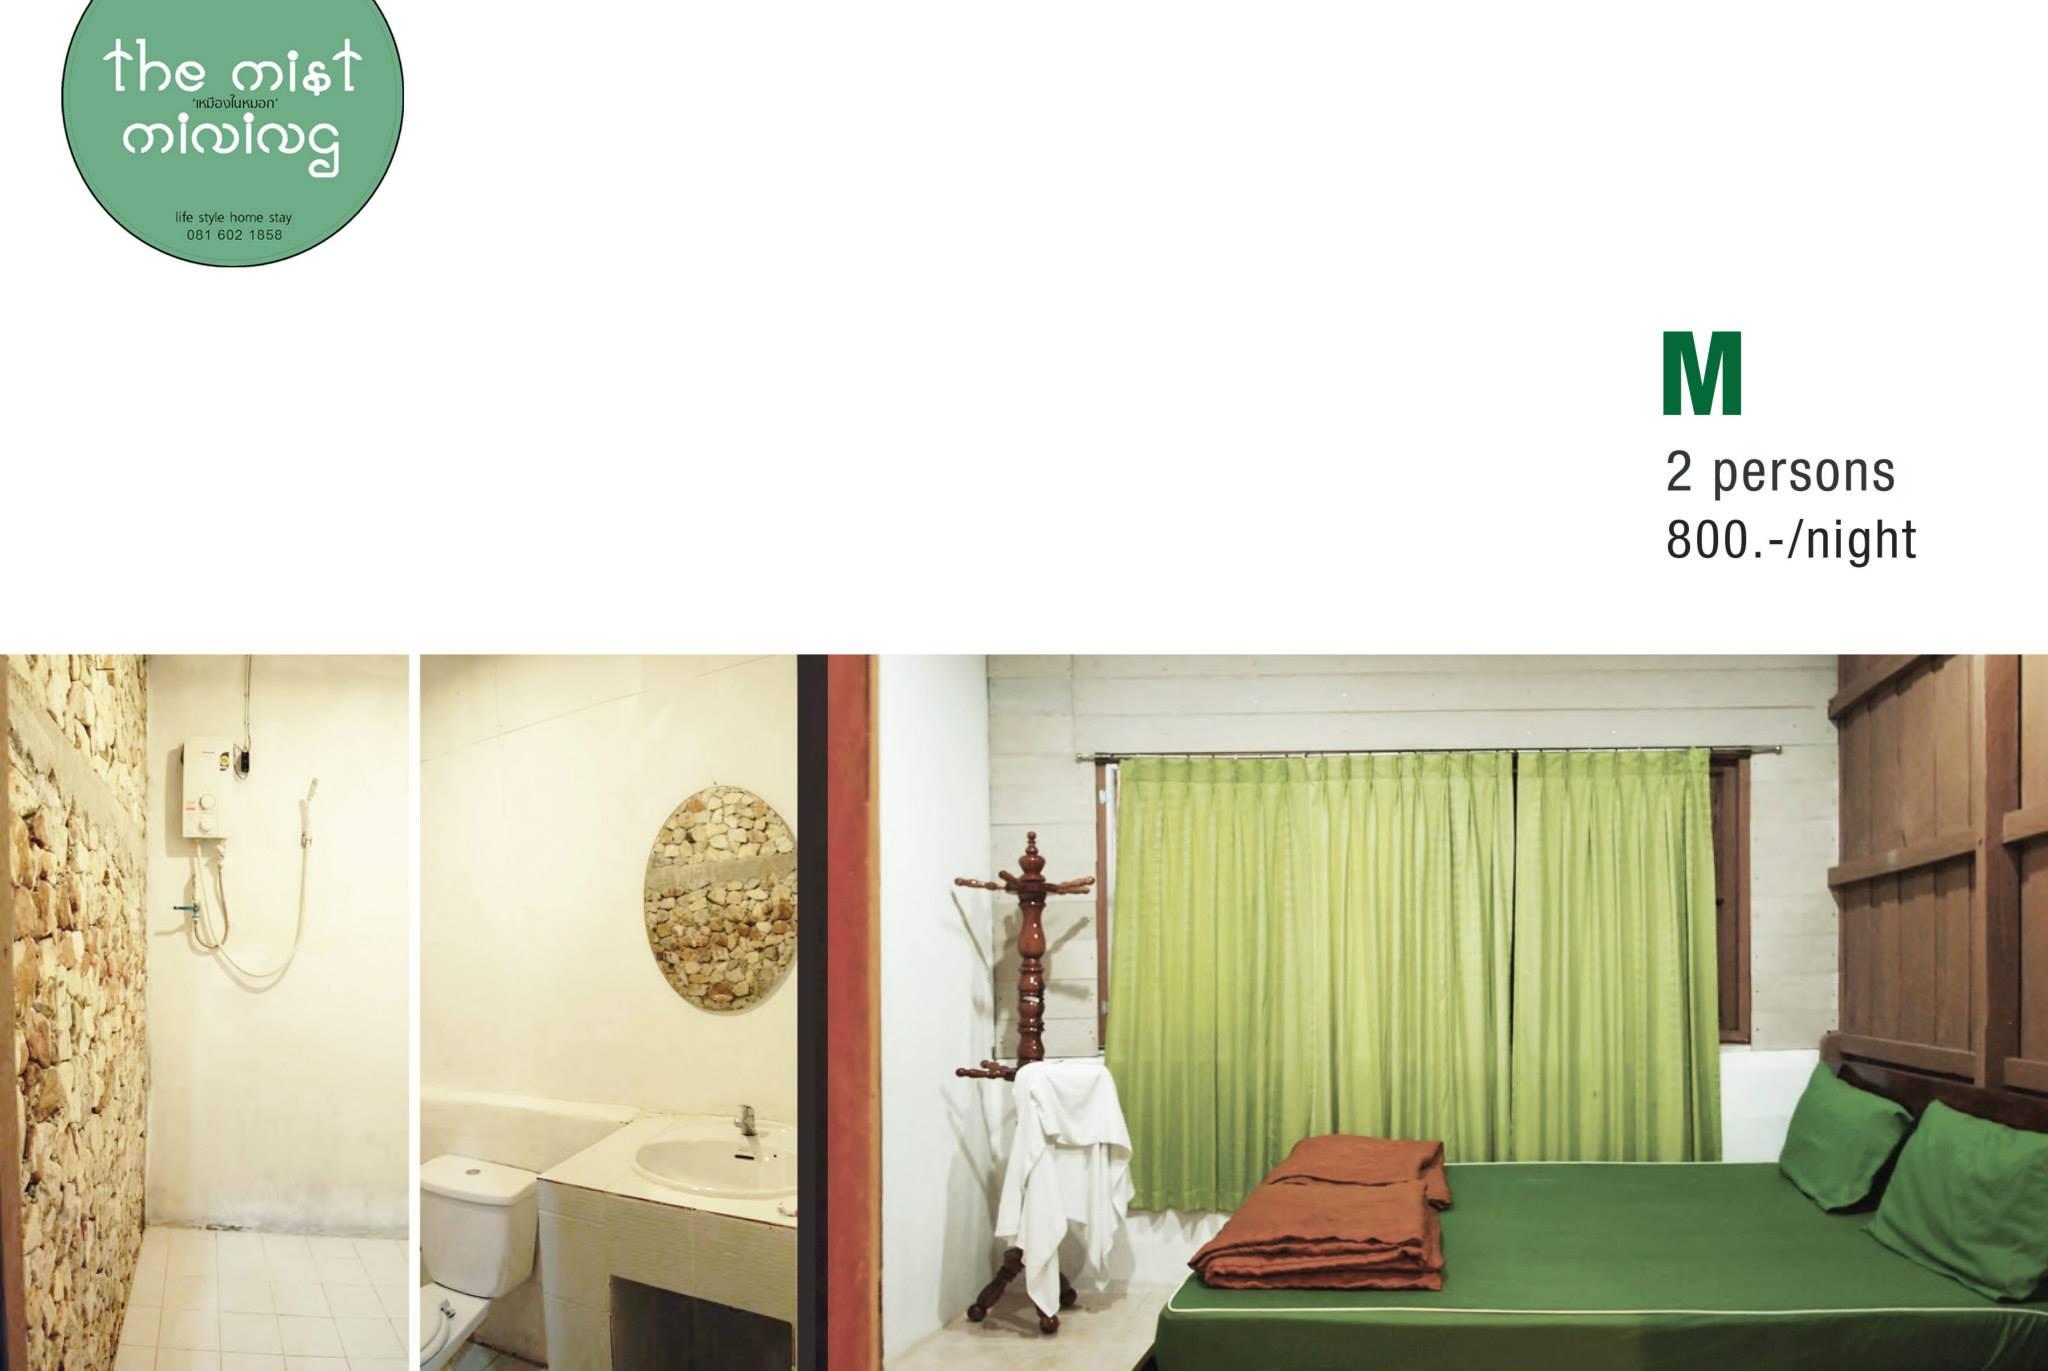 ห้องประเภท M - เหมืองในหมอก โฮมสเตย์